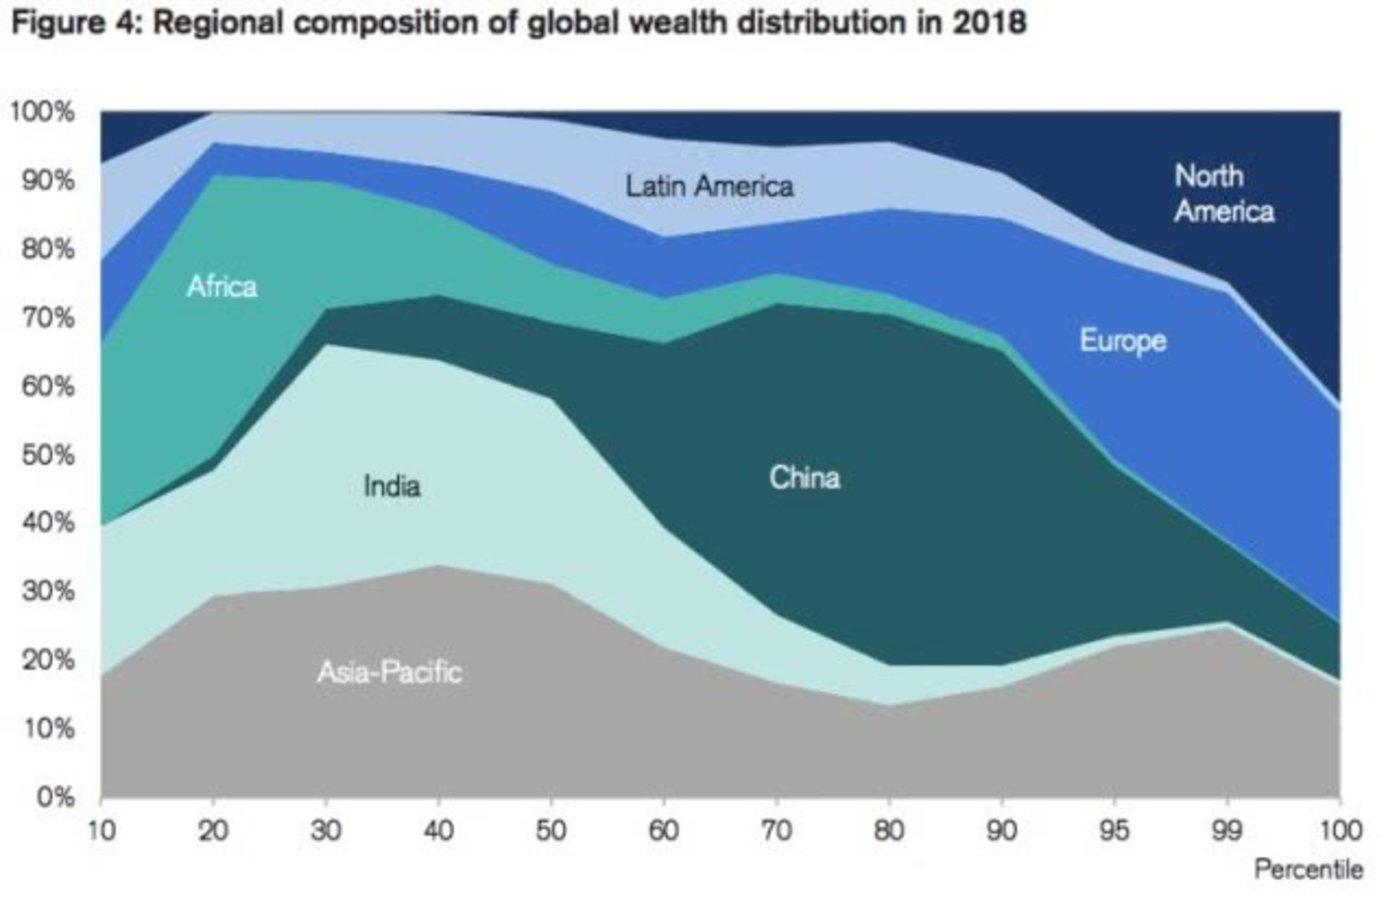 2018年全球财富分布情况